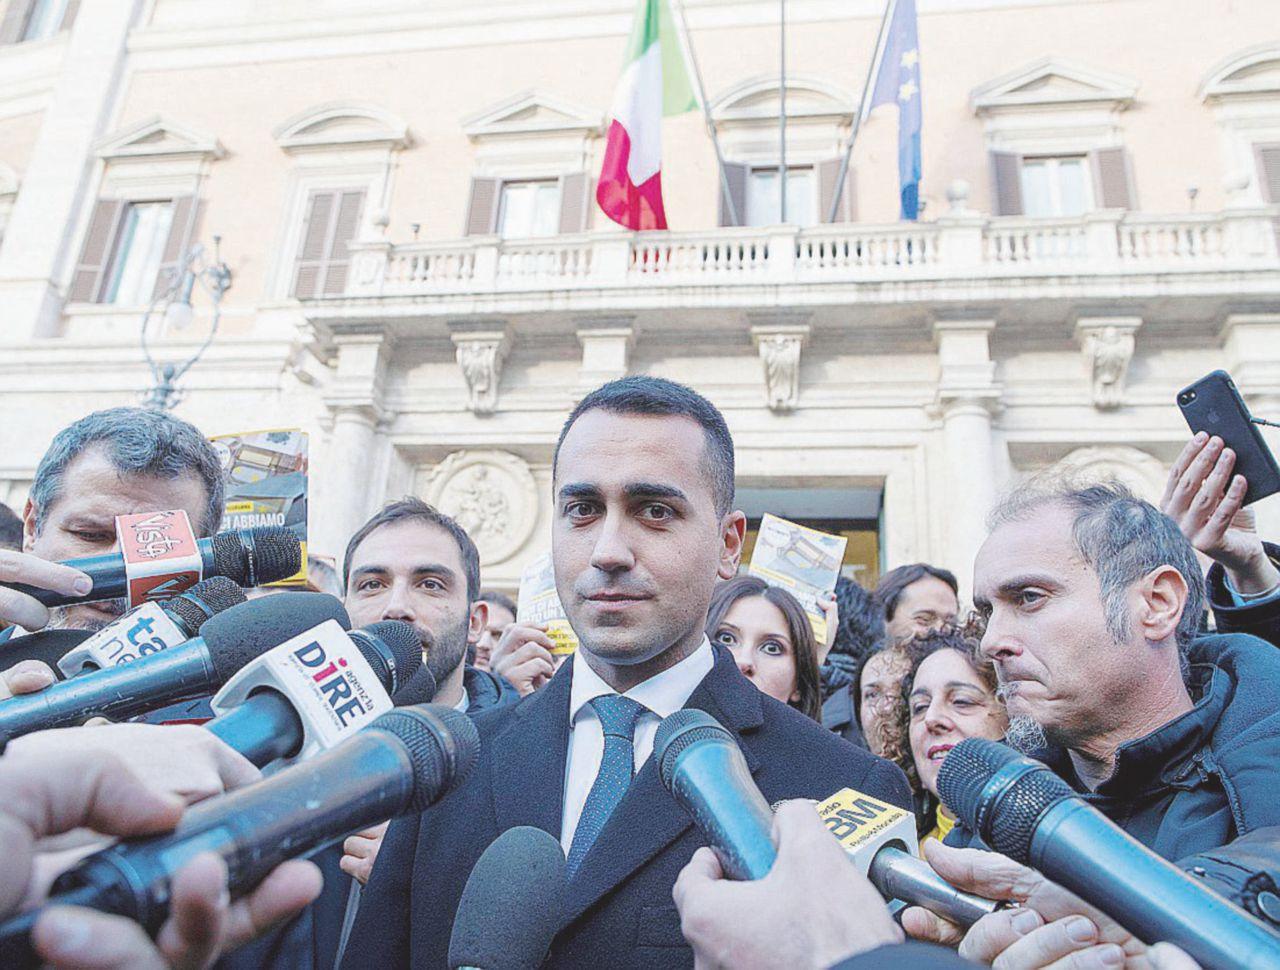 Il piano di Di Maio: trovare ministri graditi al Quirinale